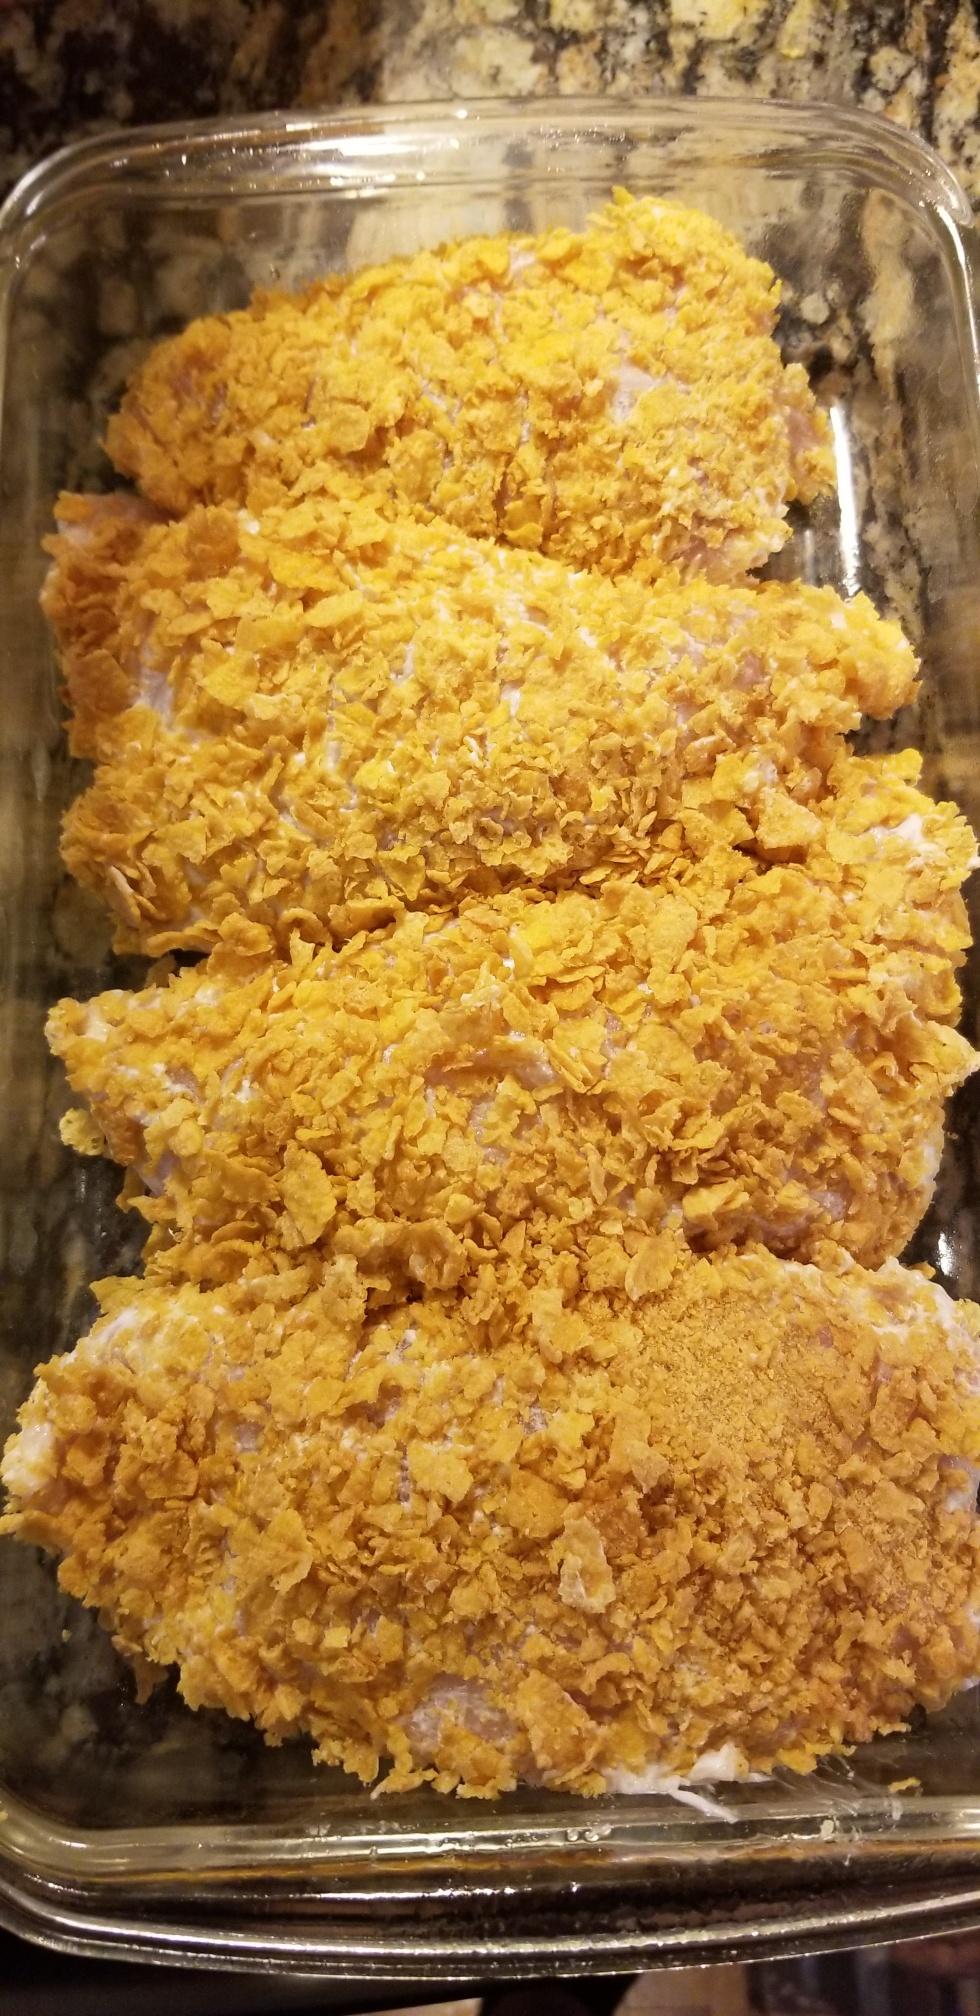 Lowfat Baked Chicken Tim Jordan